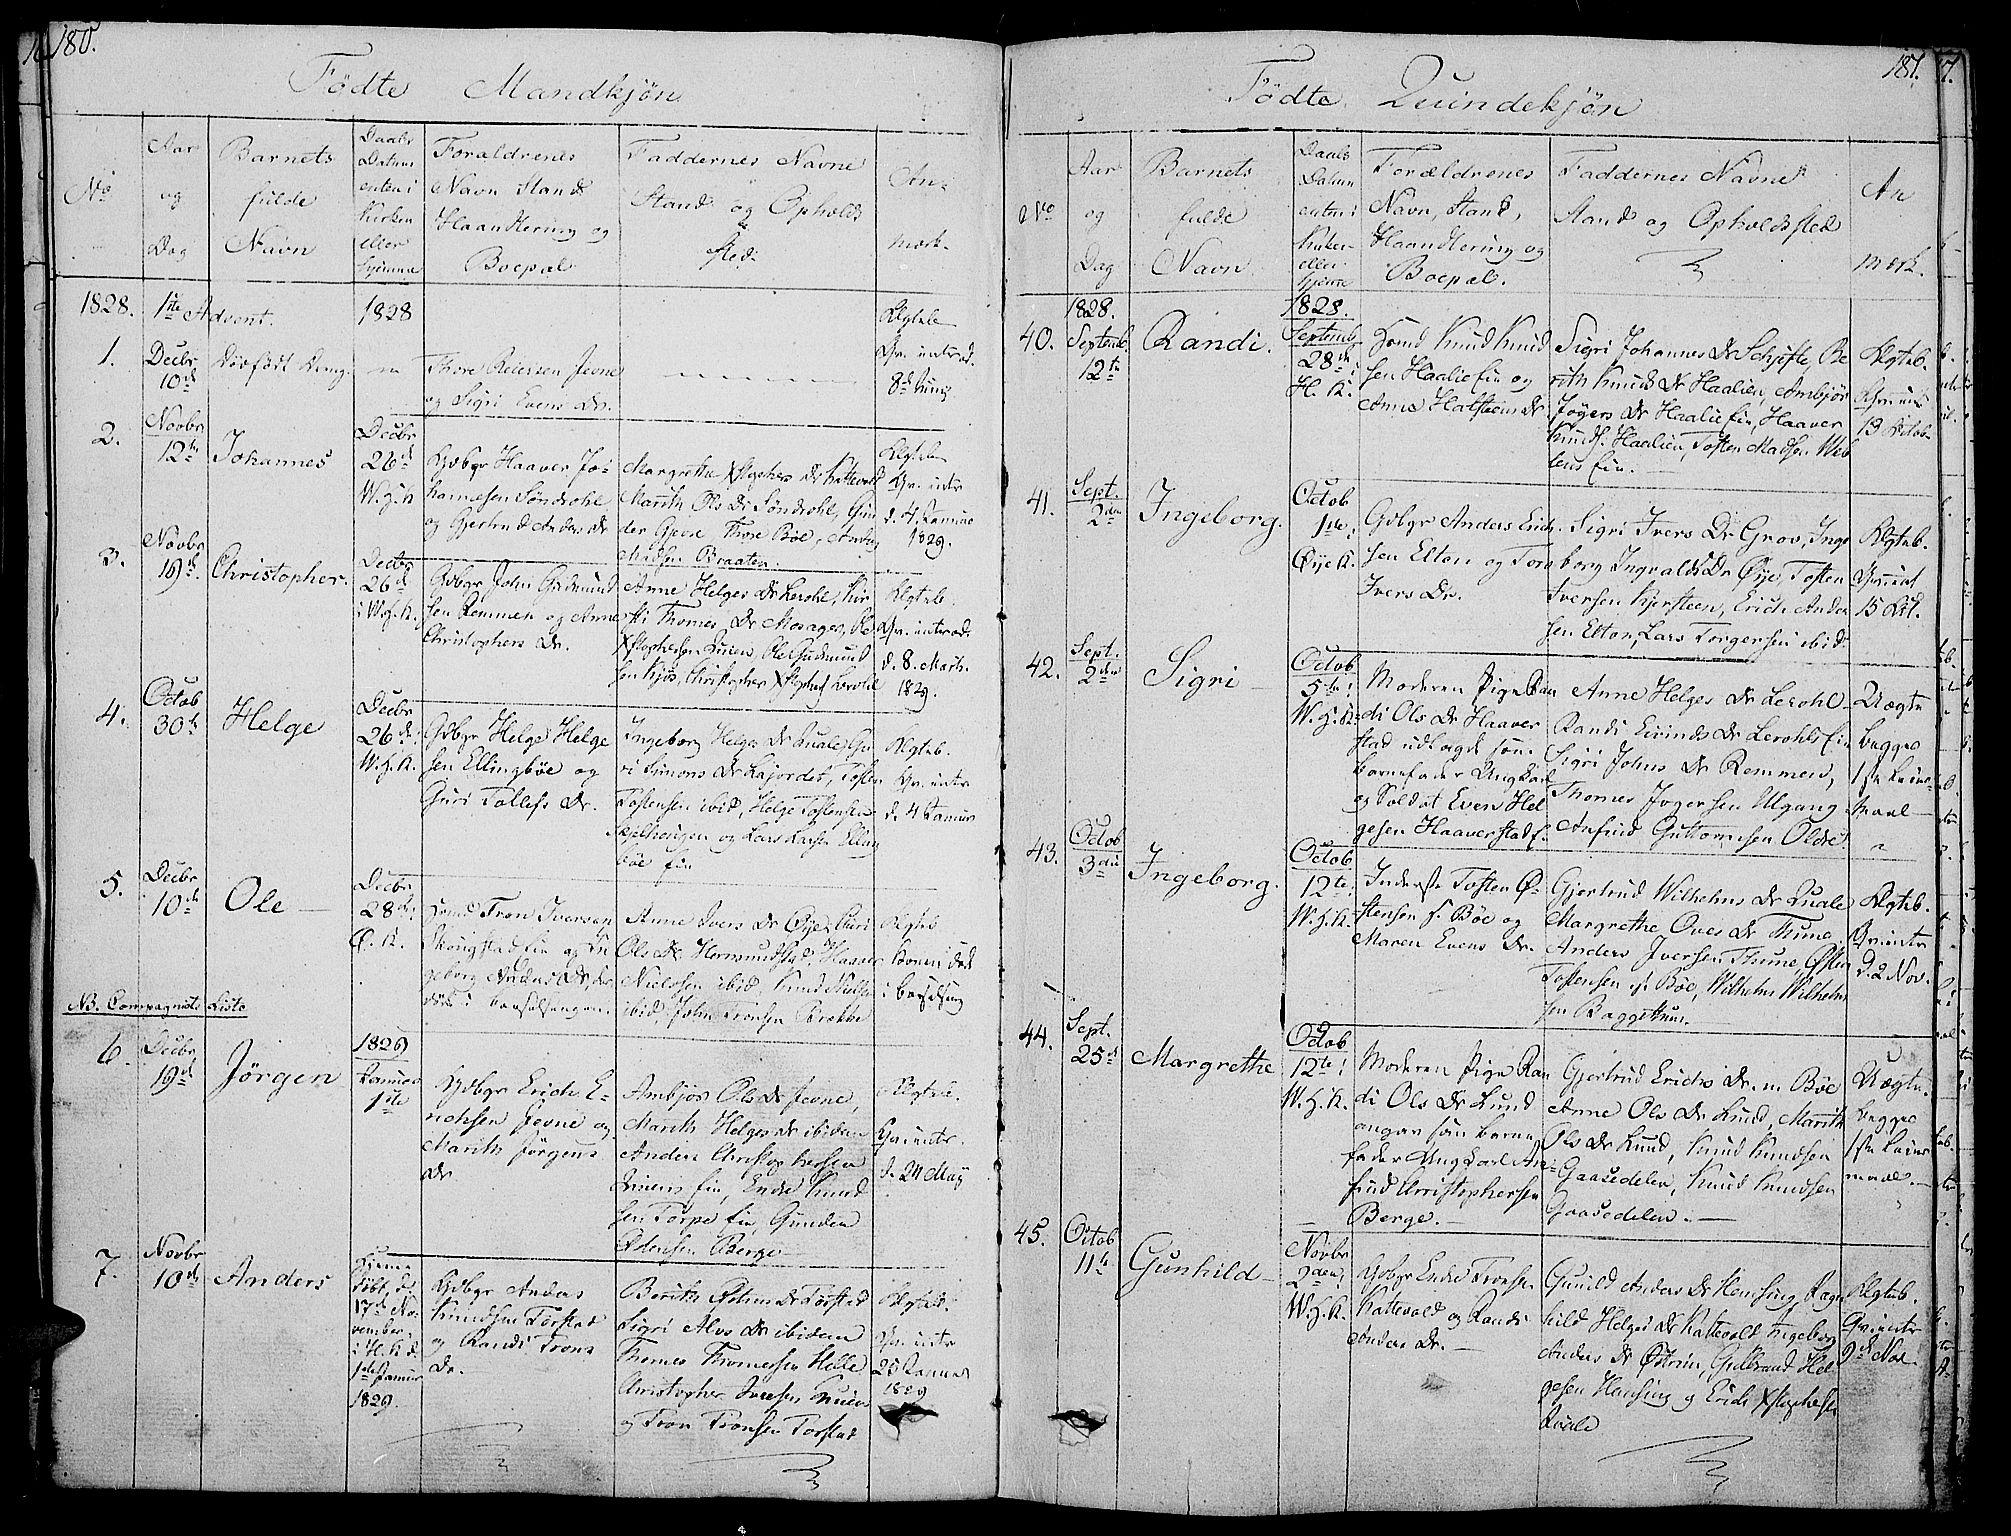 SAH, Vang prestekontor, Valdres, Ministerialbok nr. 3, 1809-1831, s. 180-181